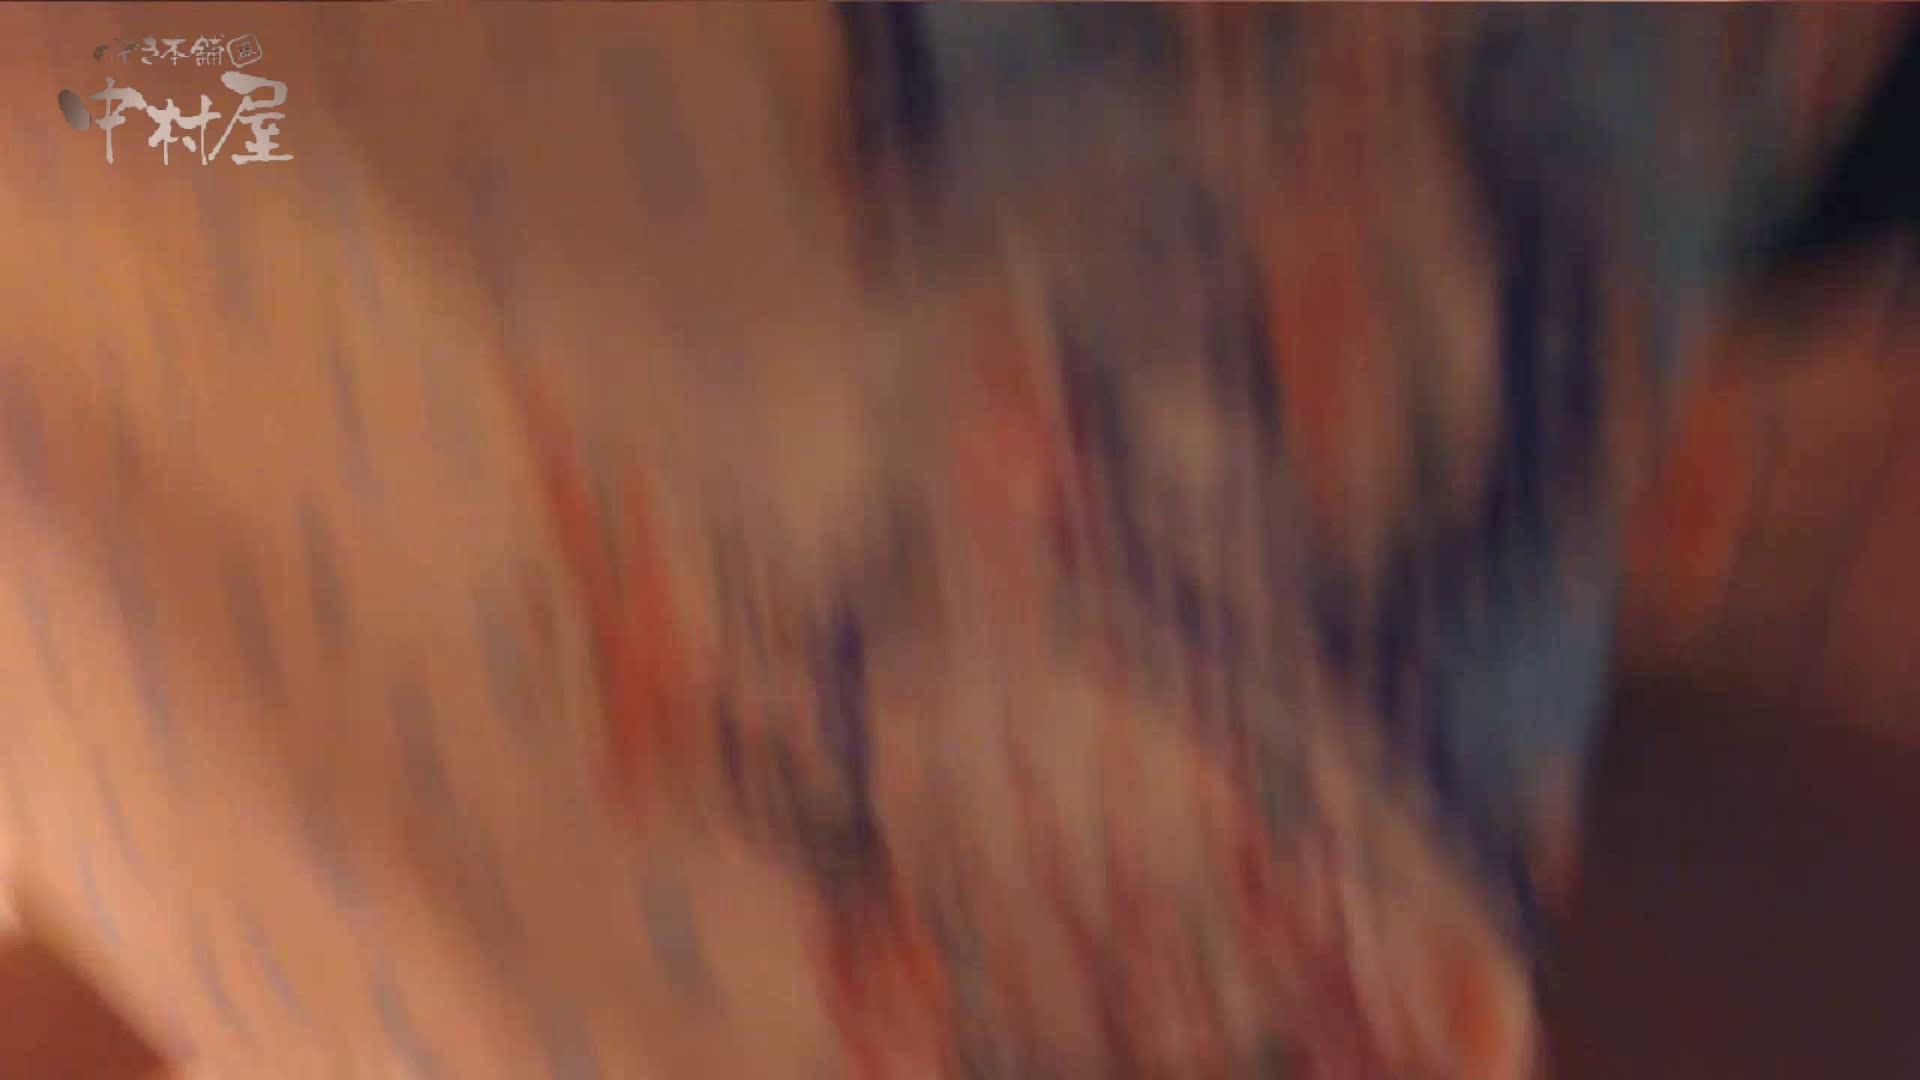 vol.69 美人アパレル胸チラ&パンチラ ストライプパンツみっけ! パンチラ | チラ  112PIX 61